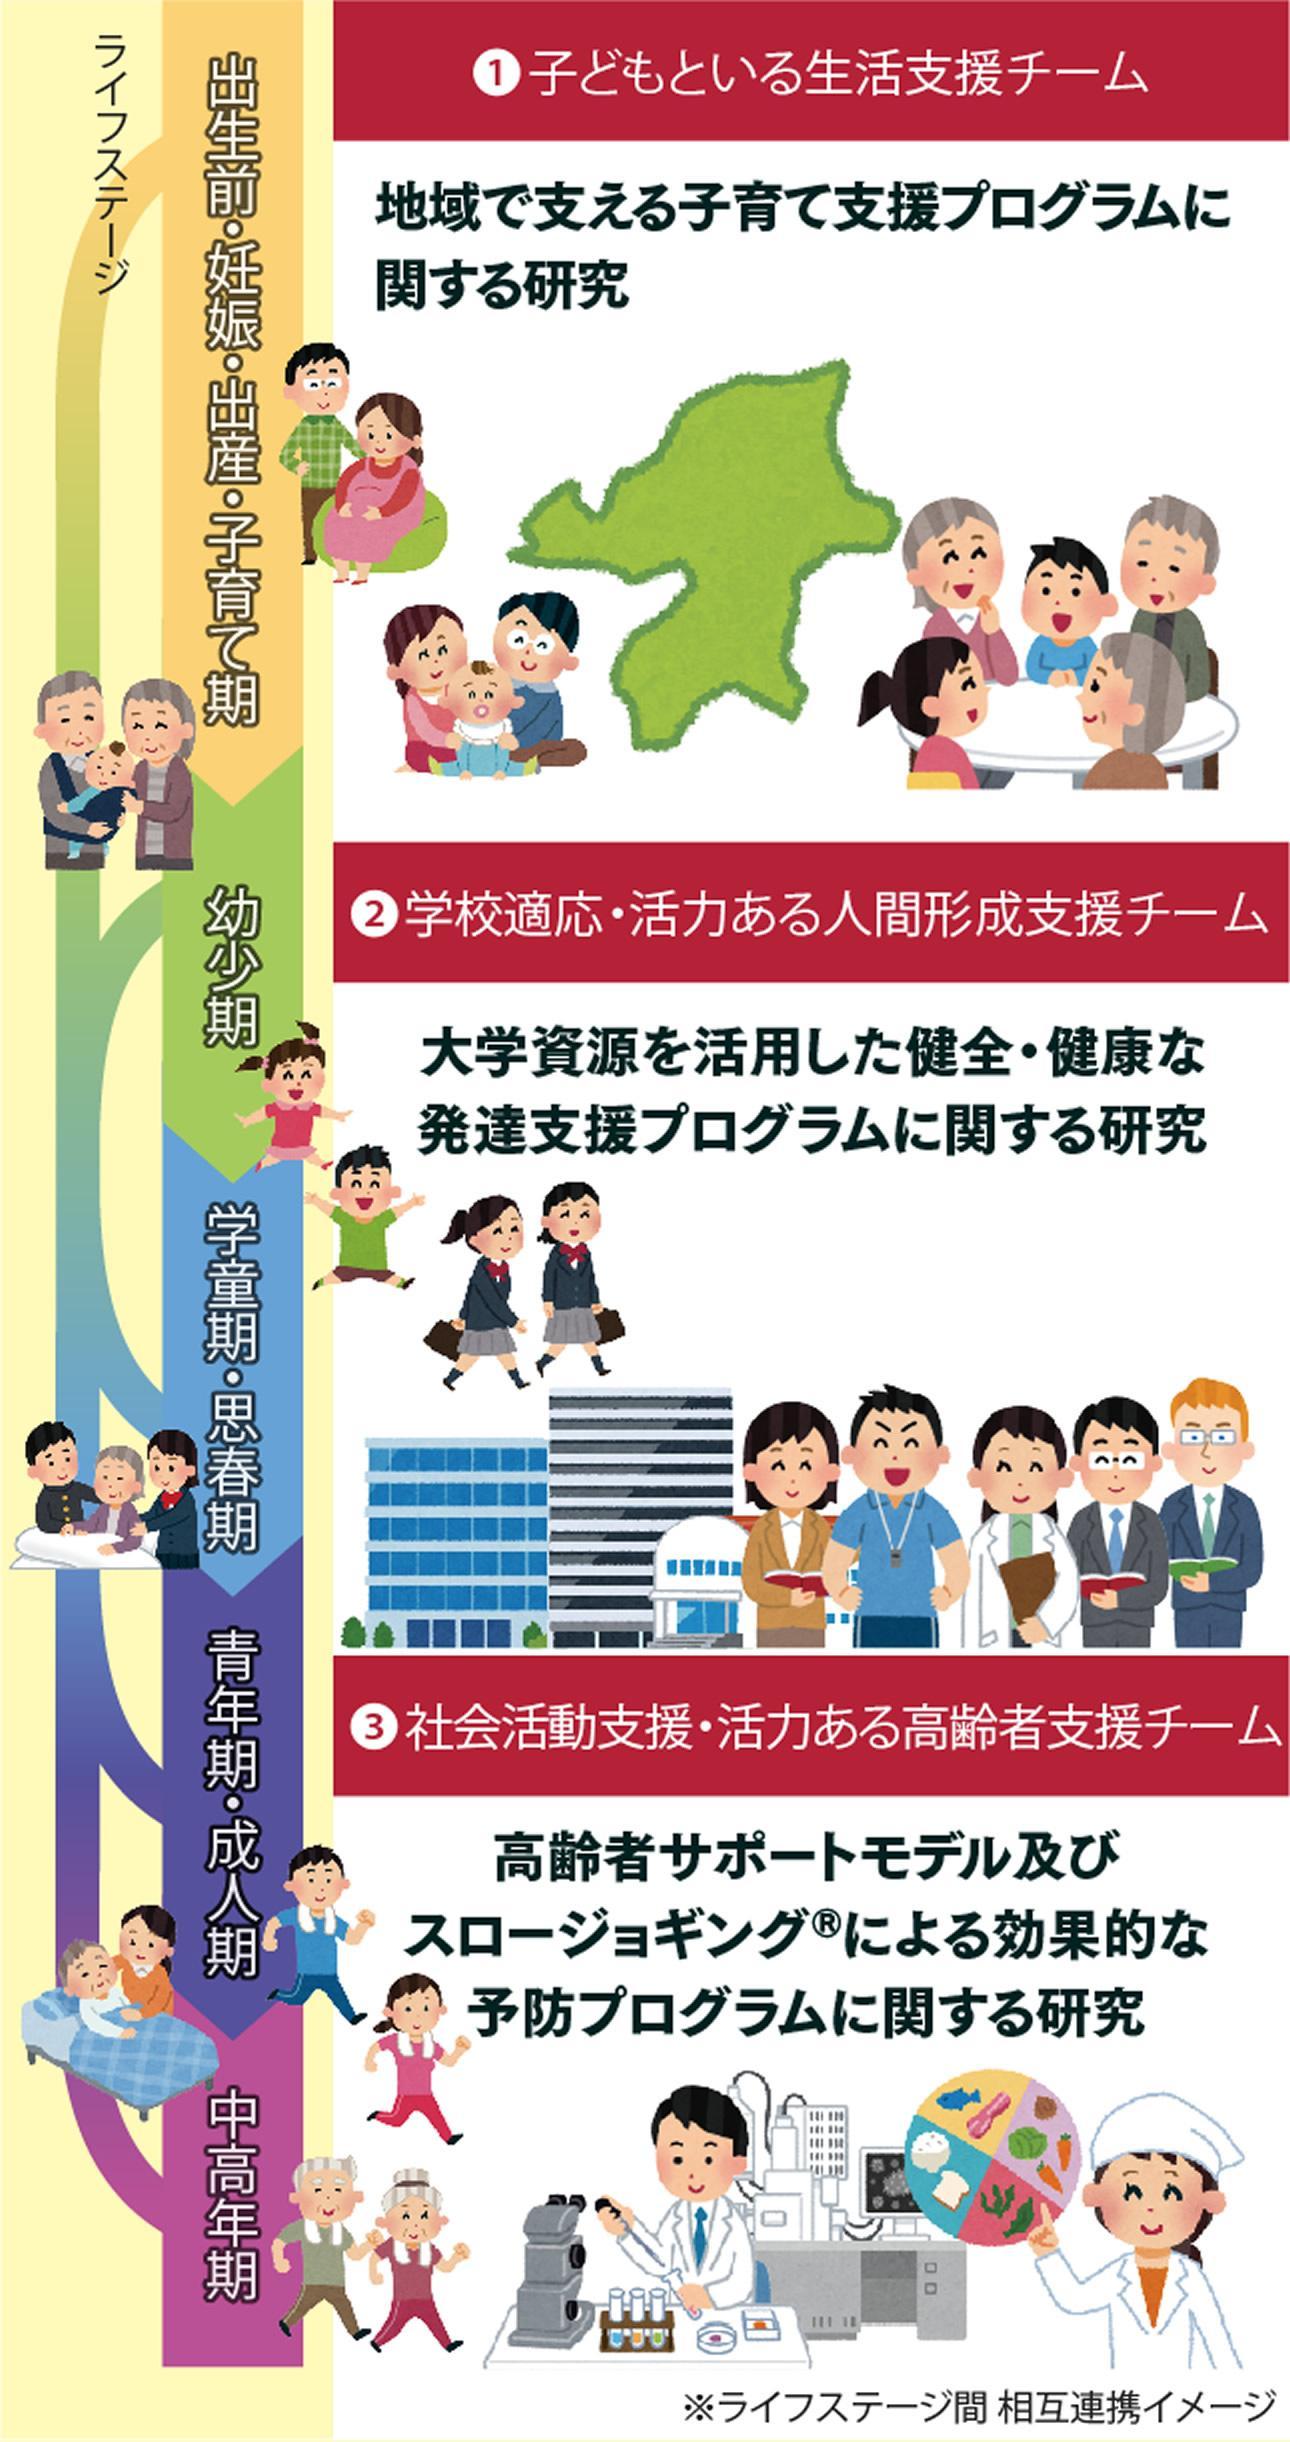 (スポーツ健康科学研究科長・ 身体活動研究所長)